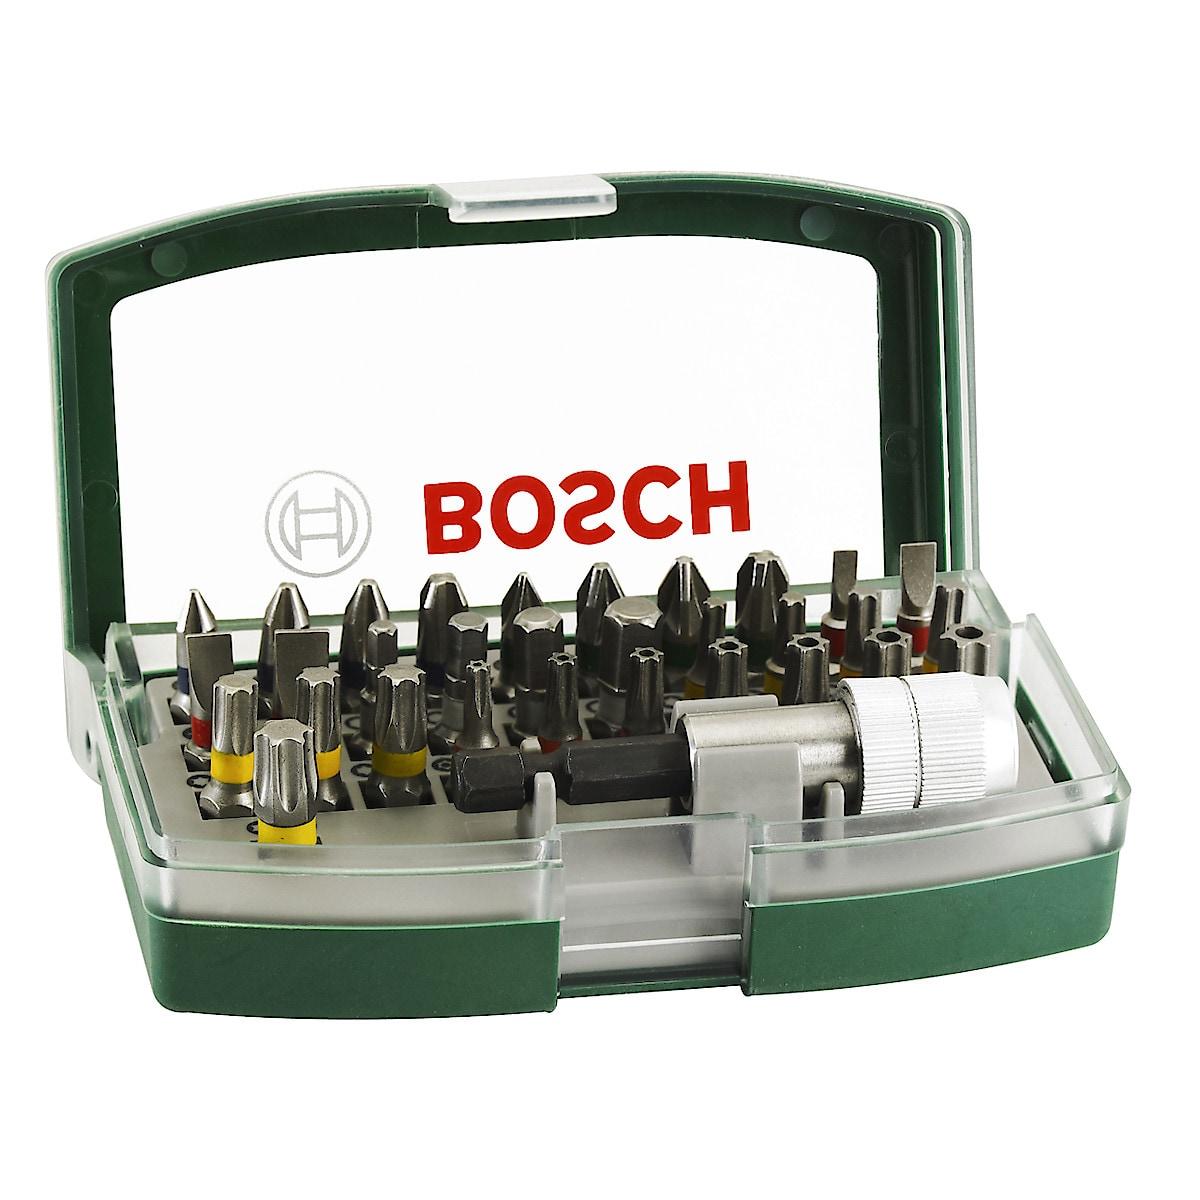 Bosch 32 deler bitssett